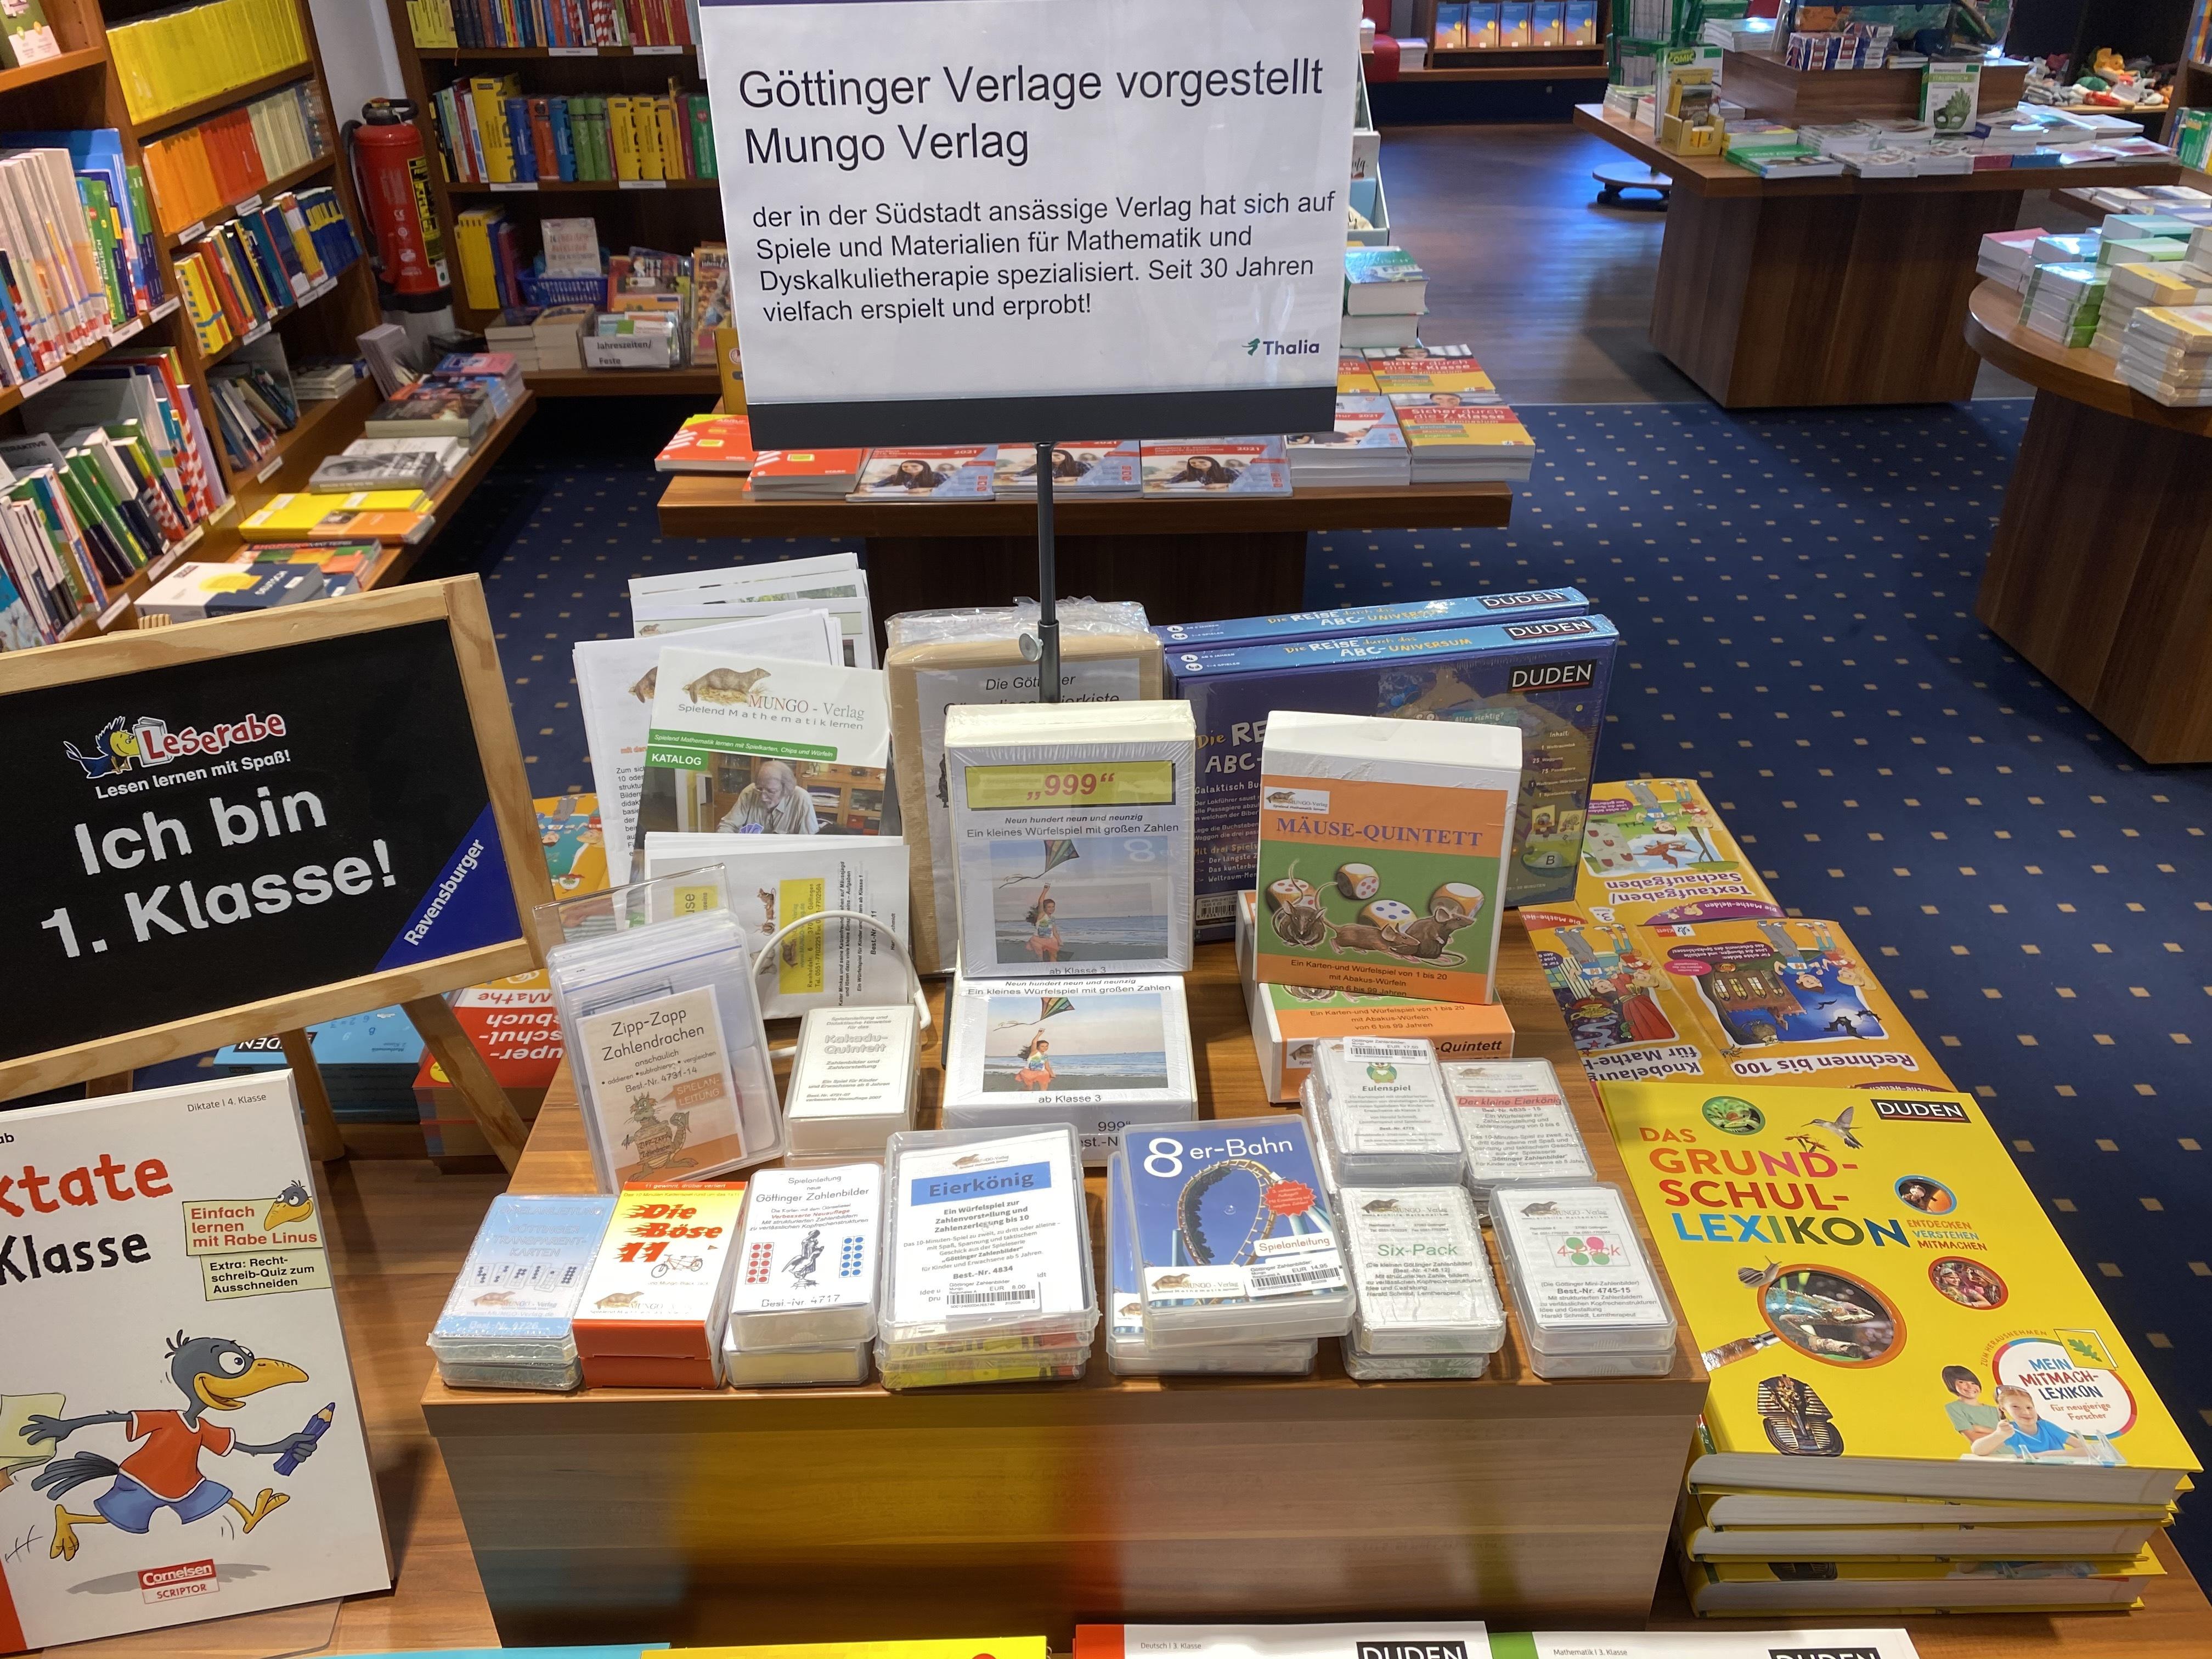 Bild Der Mungo Verlag in der Göttinger Thaliafiliale